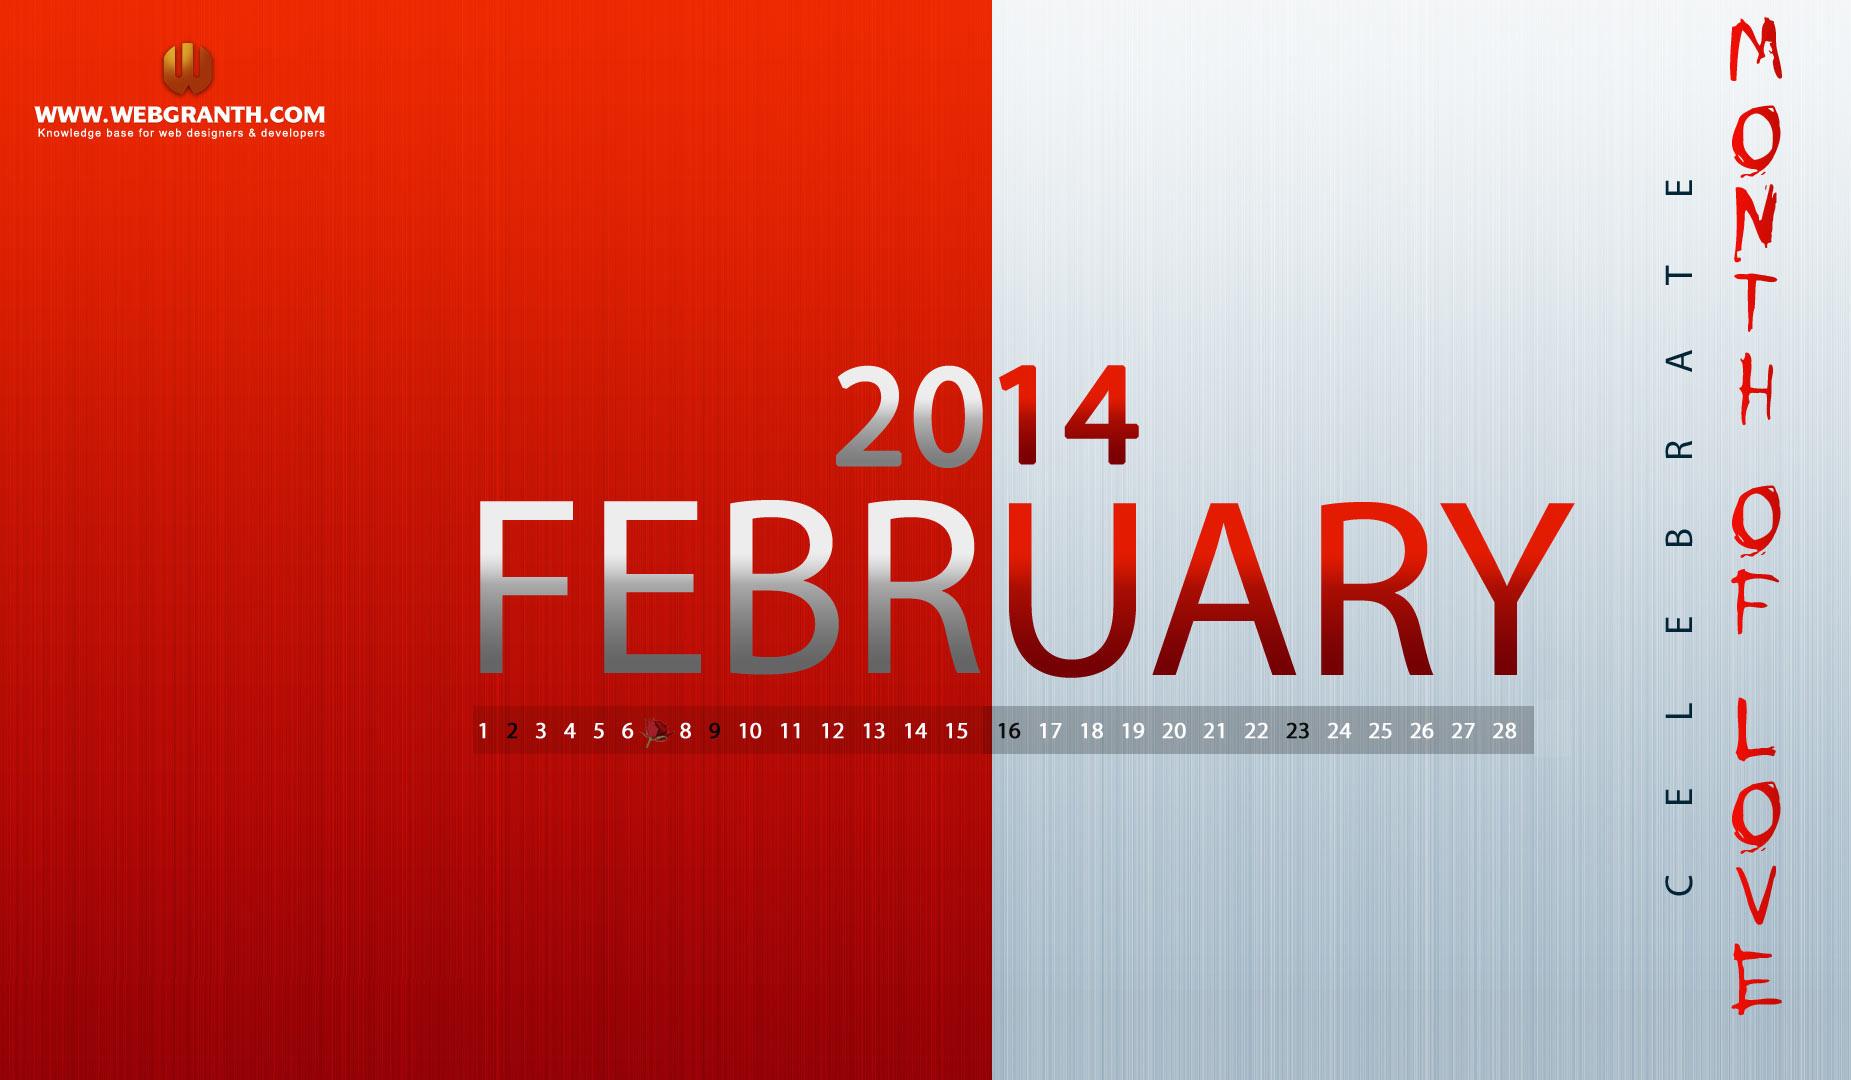 Wallpaper Calendar 2014 Download Wallpaper Calendar 2014 1851x1080